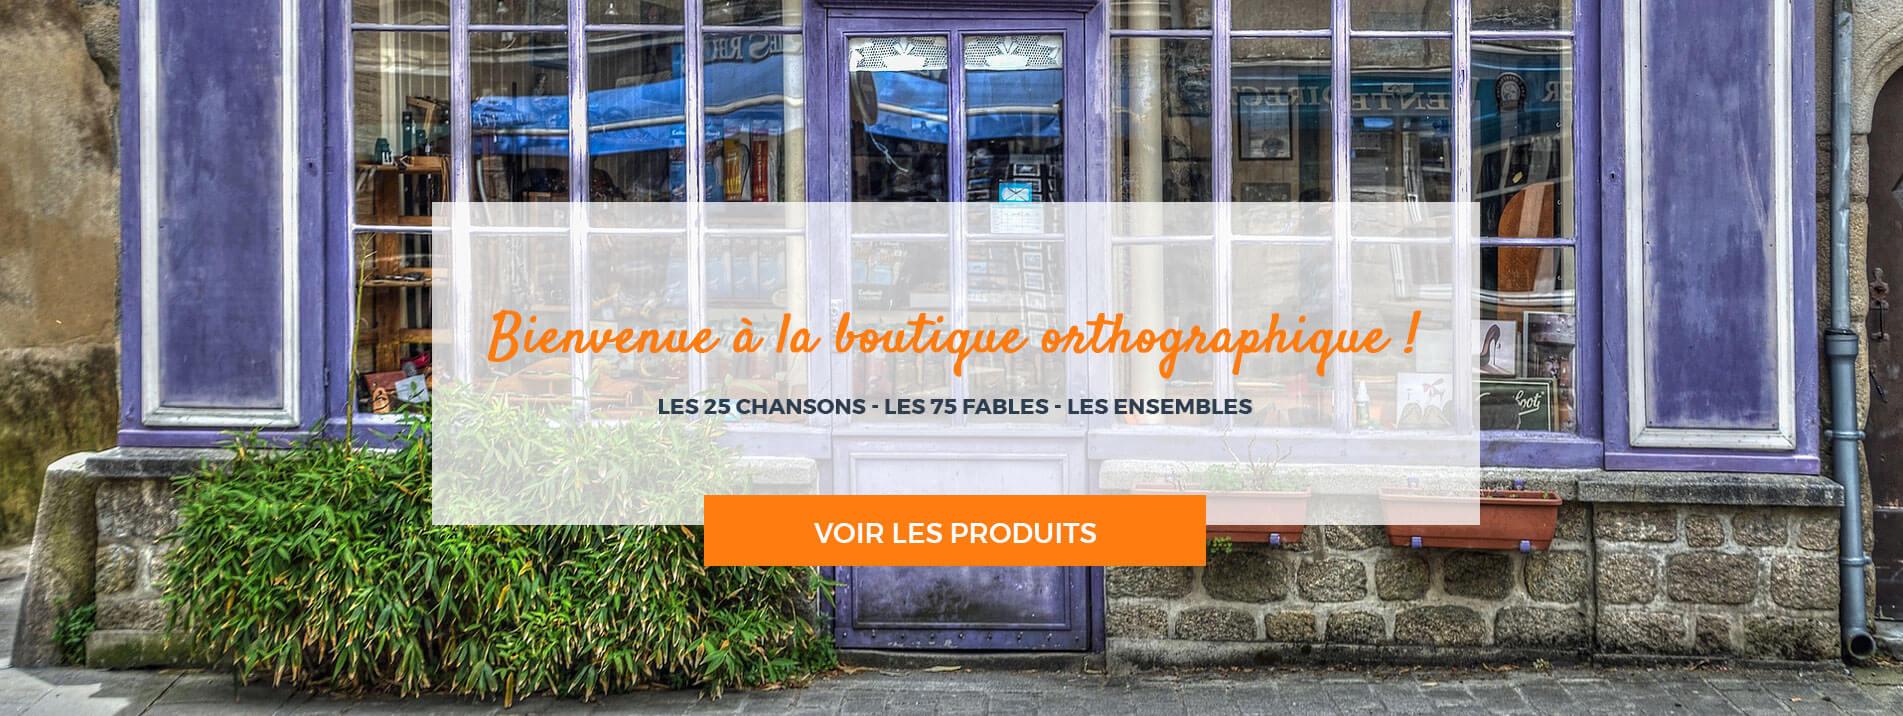 La boutique orthographique